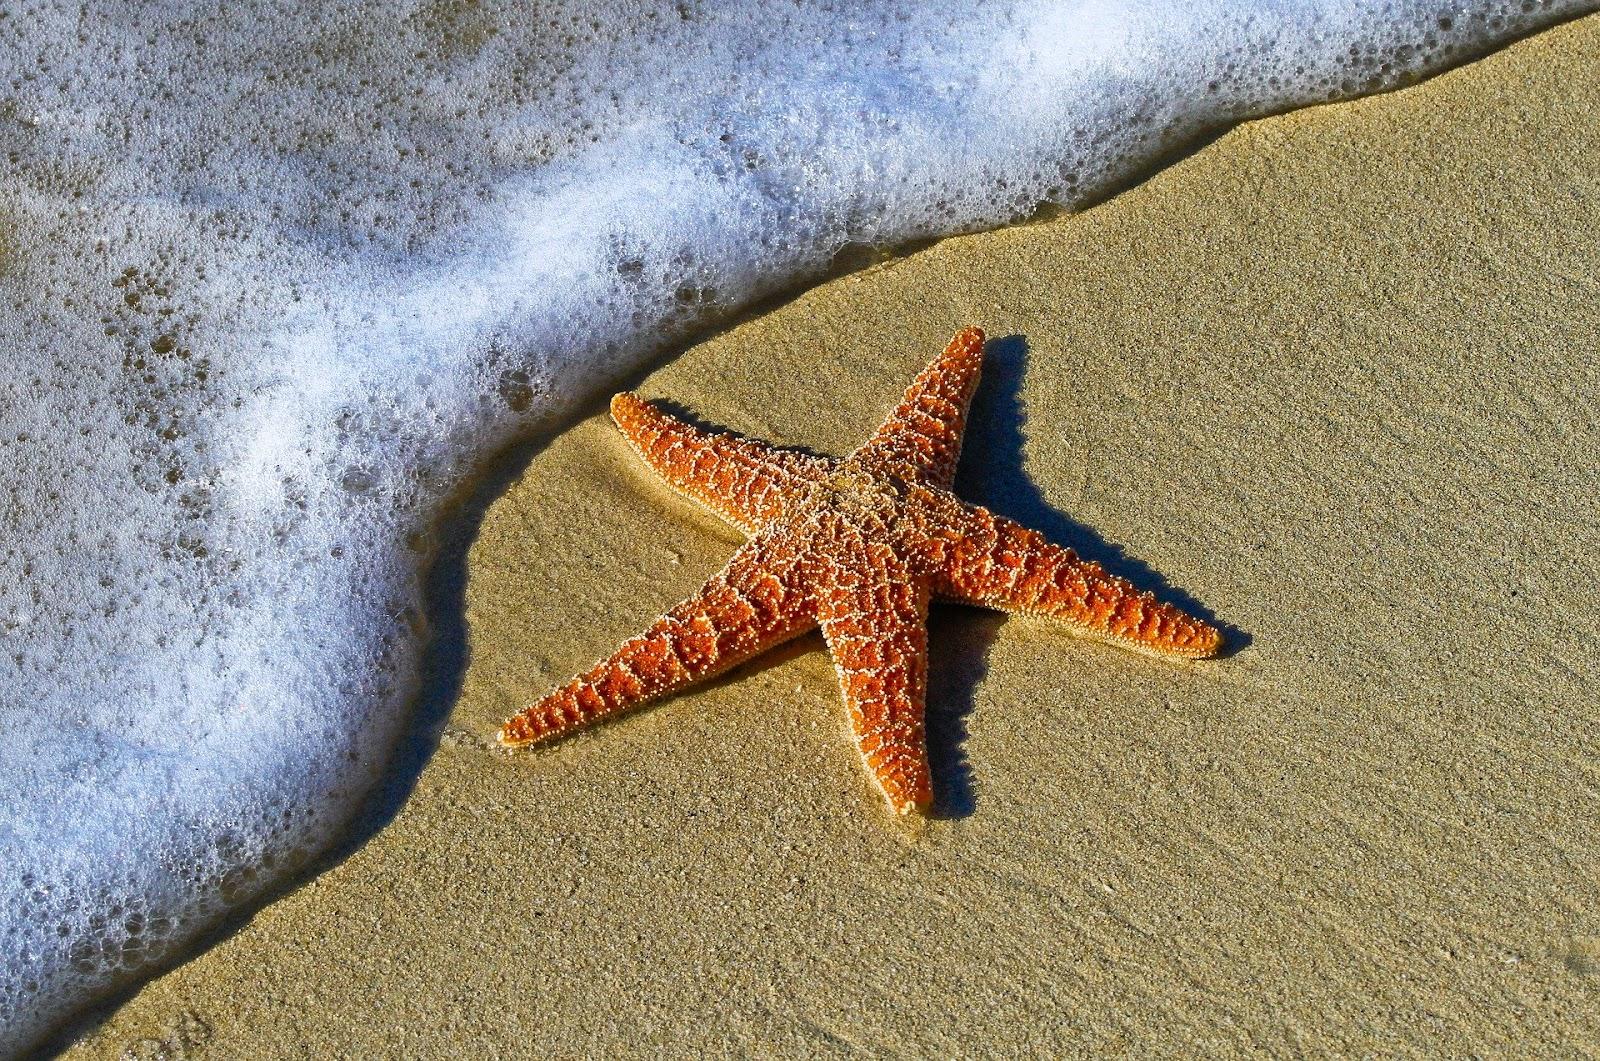 ¿Qué es la biología marina? Clasificación de organismos marinos.Organismos bentónicos . Organismos pelágicos Delfin organismos mar, biología, océano, que es la biología marina, clasificación organismos marinos